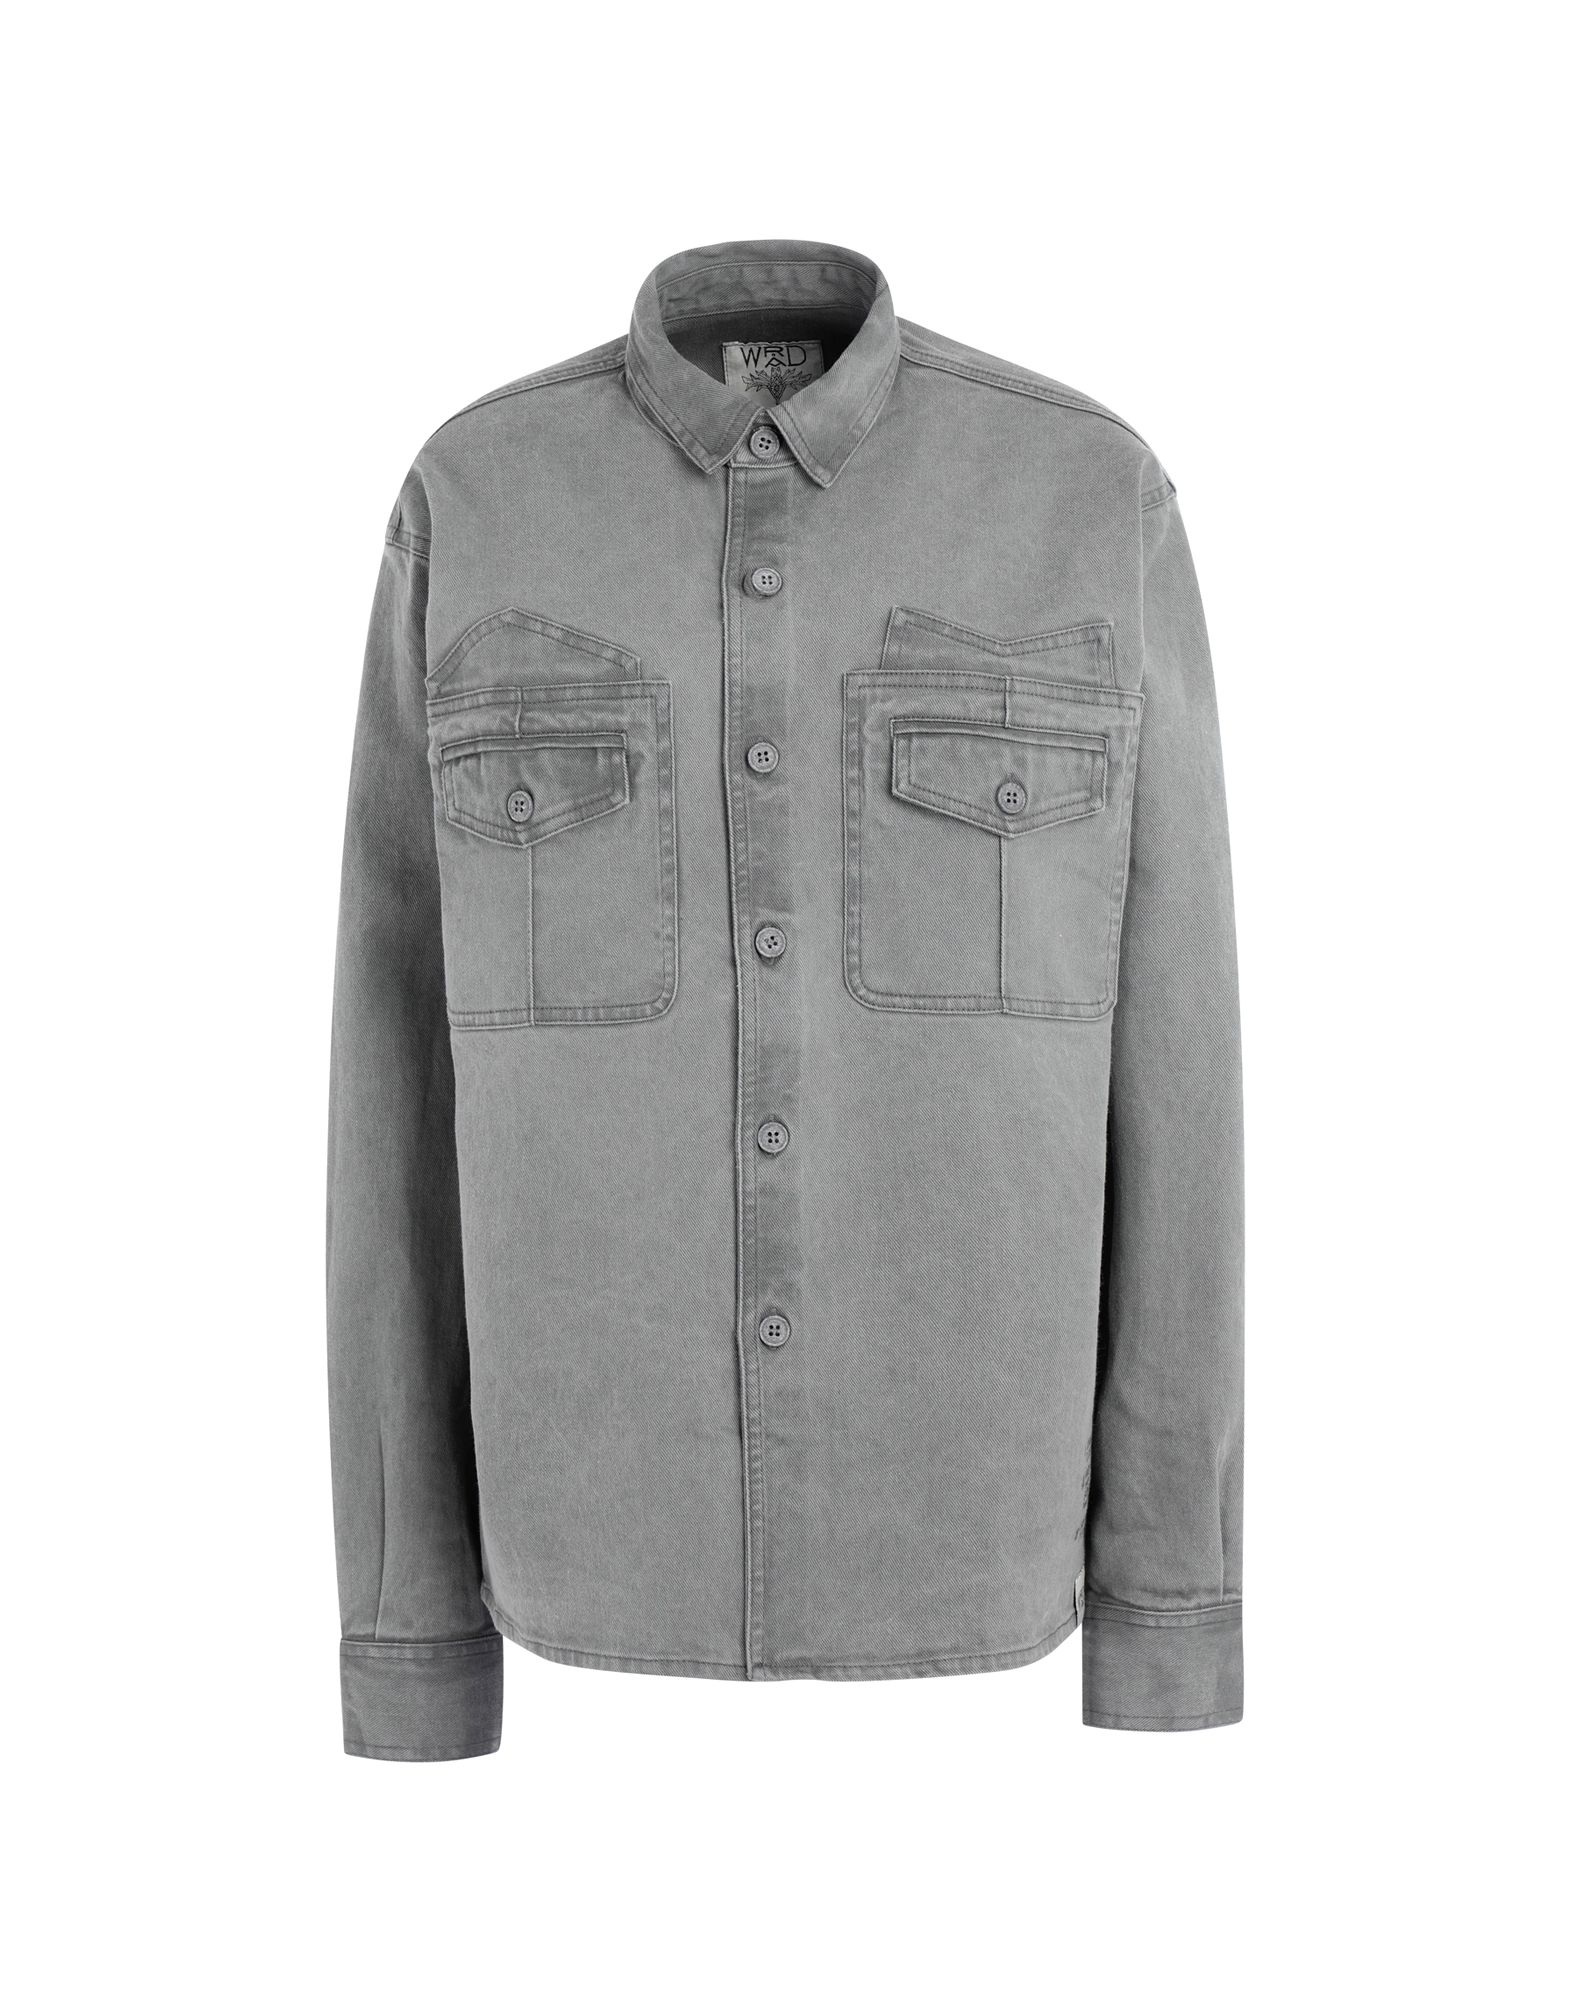 WRÅD Джинсовая верхняя одежда брендовая одежда